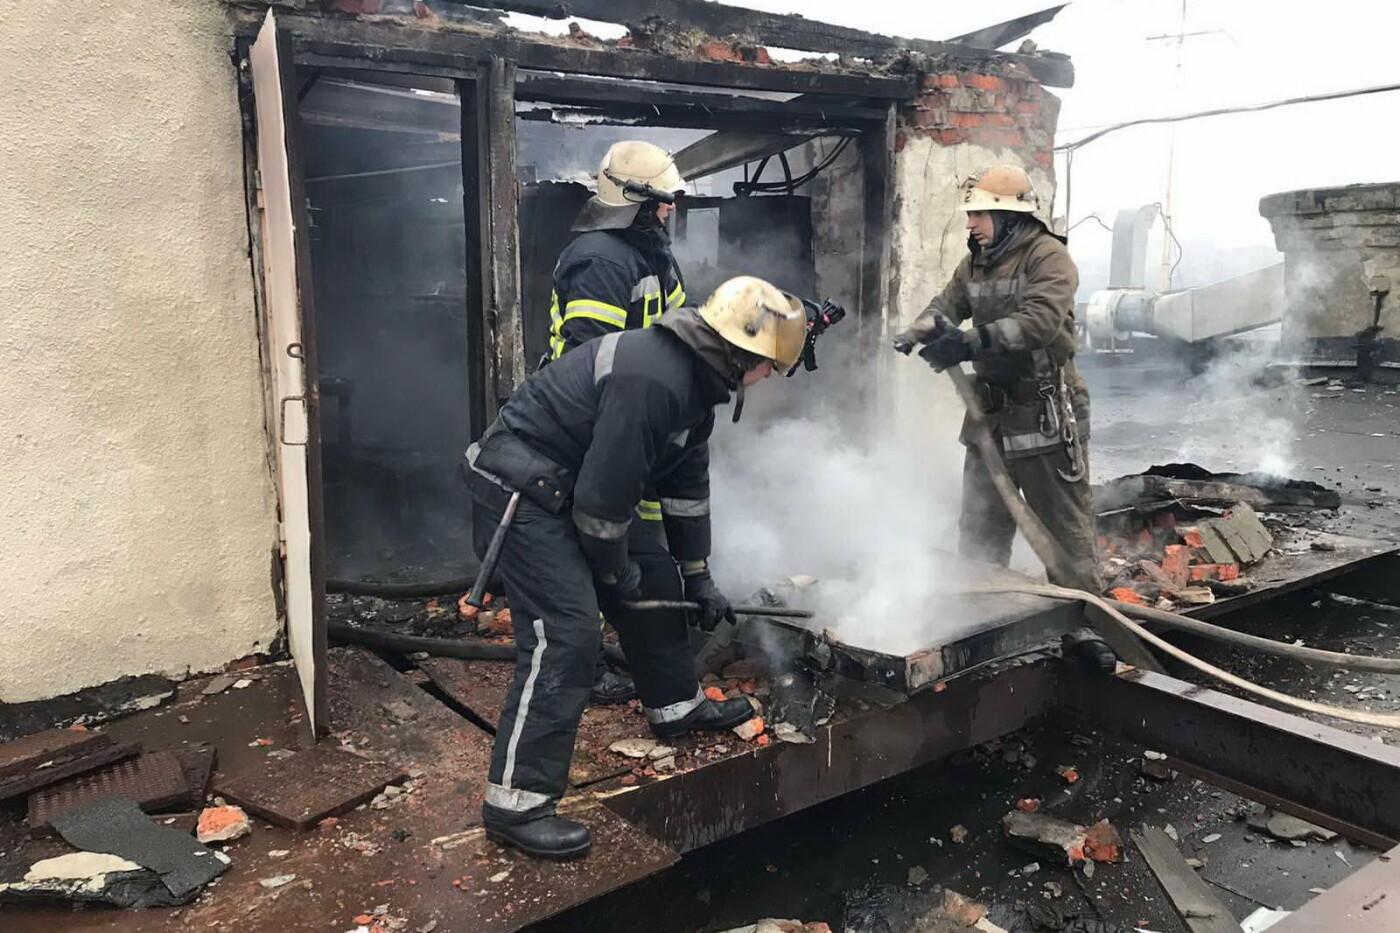 В Харькове спасатели тушили пожар на мясокомбинате, - ФОТО, фото-3